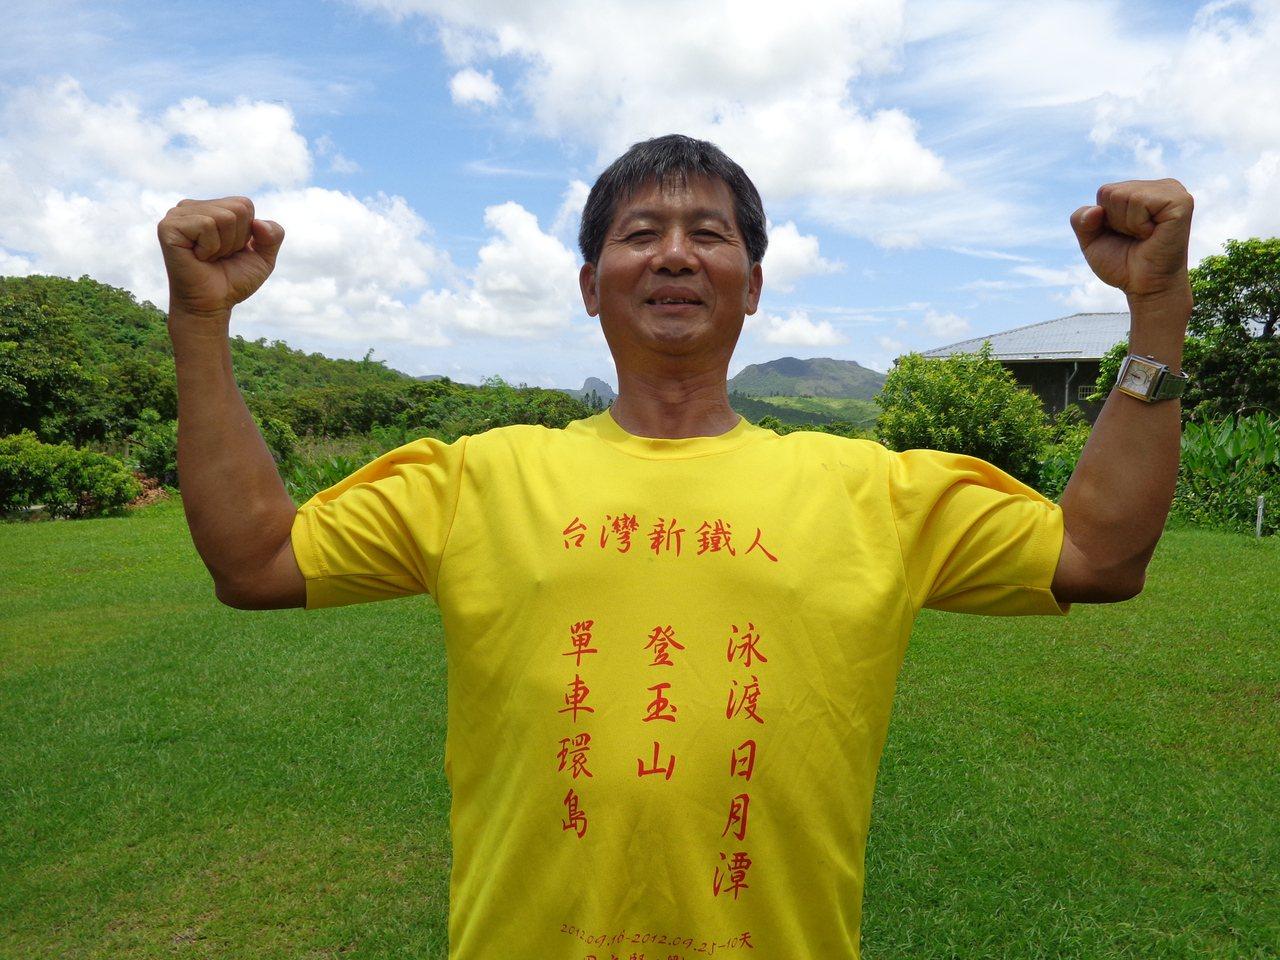 57歲的周文賢將泳渡日月潭、登玉山主峰、單車環島串連,花9天半時間完成;他接著要...